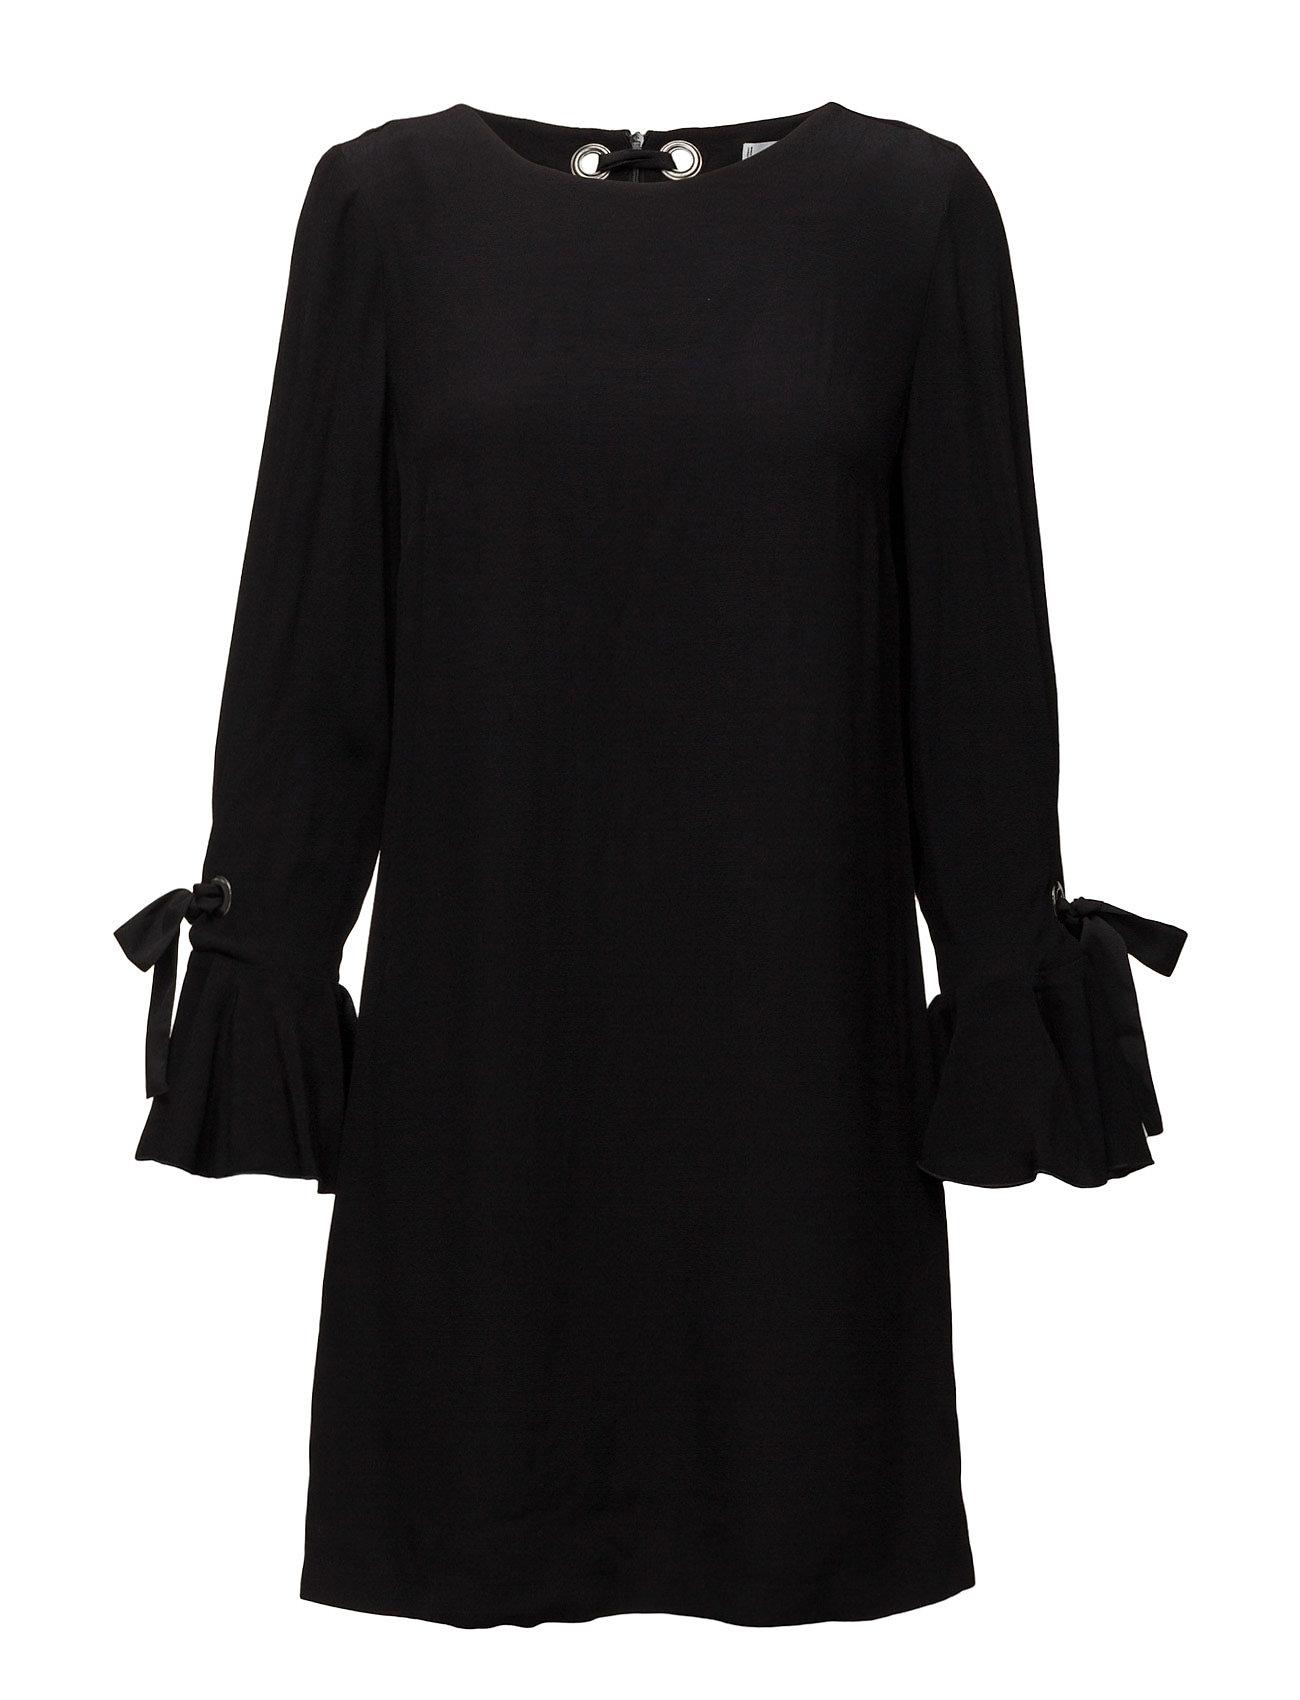 Bows Dress Mango Kjoler til Kvinder i Sort